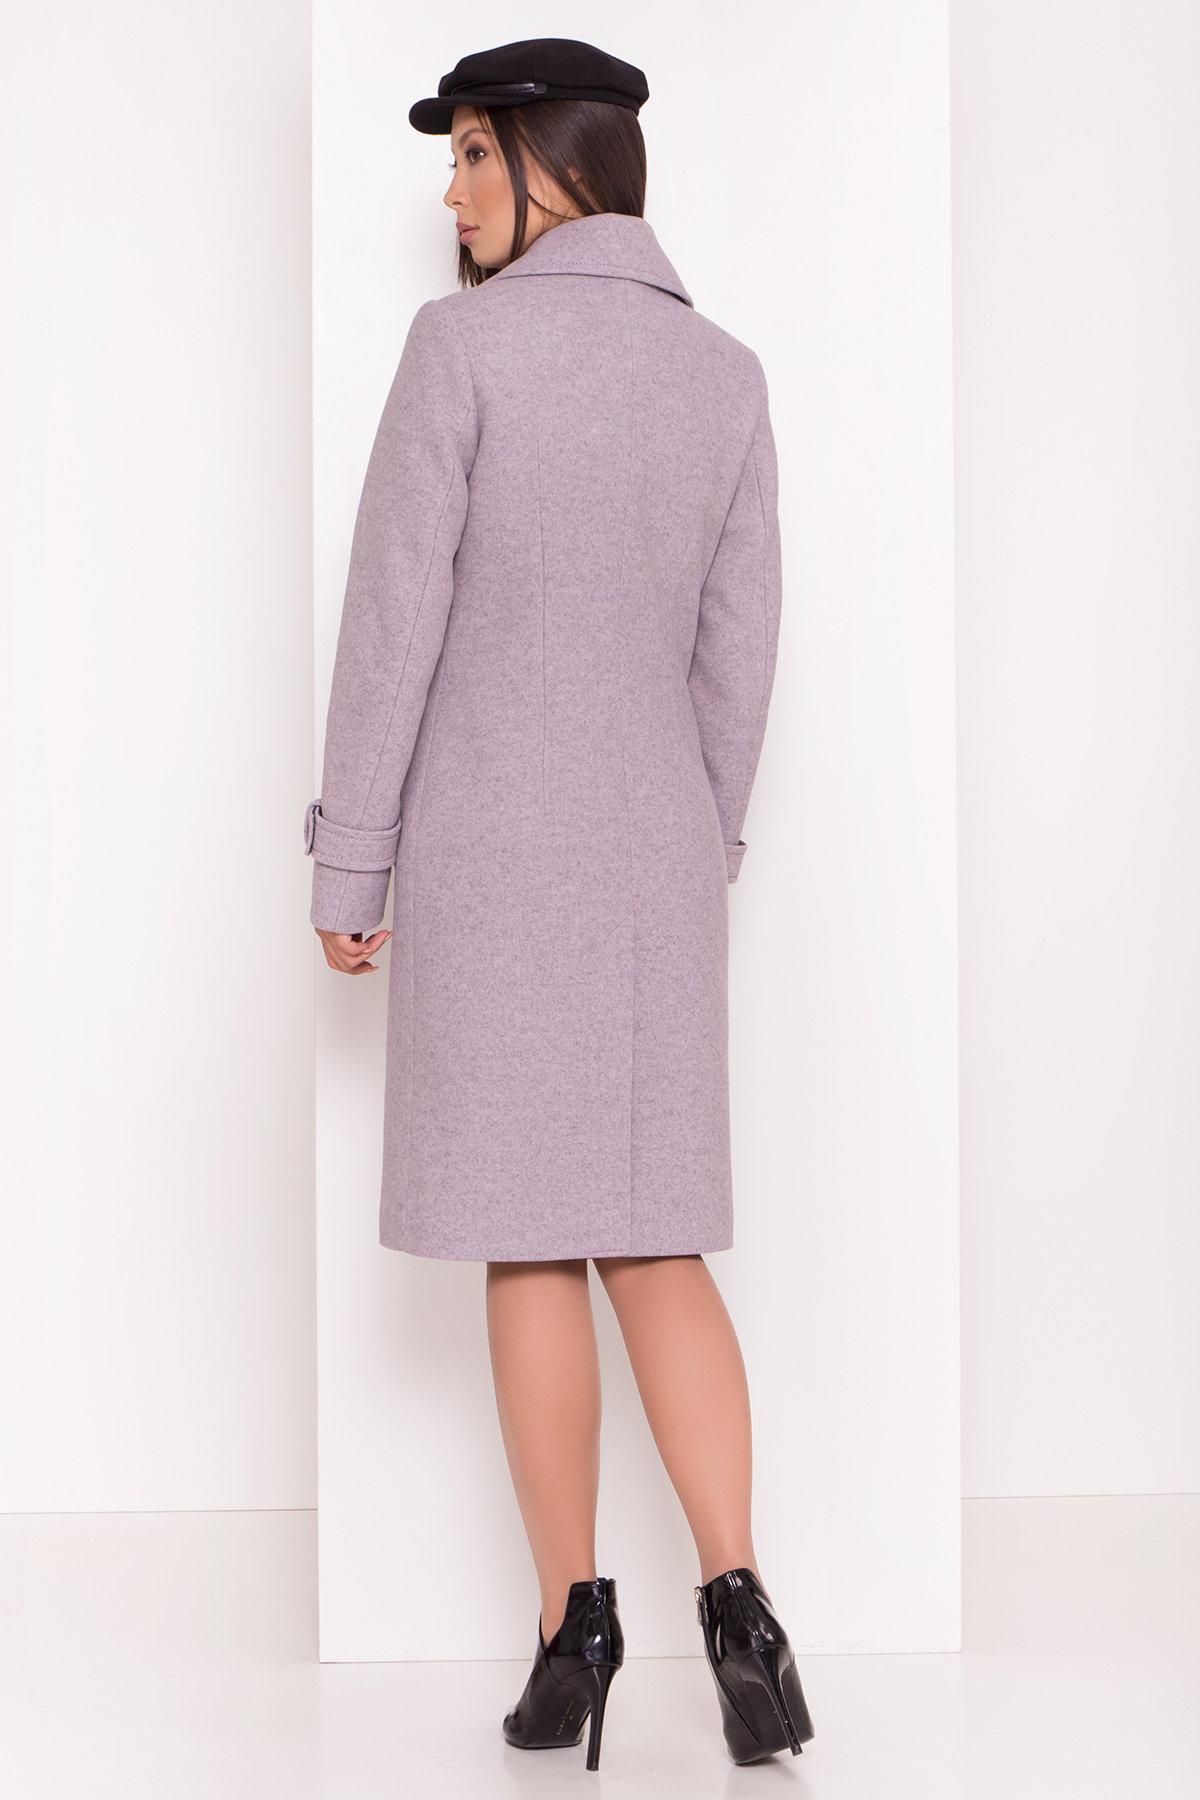 Двубортное пальто демисезон Монте 8089 АРТ. 44031 Цвет: Серый-розовый - фото 6, интернет магазин tm-modus.ru